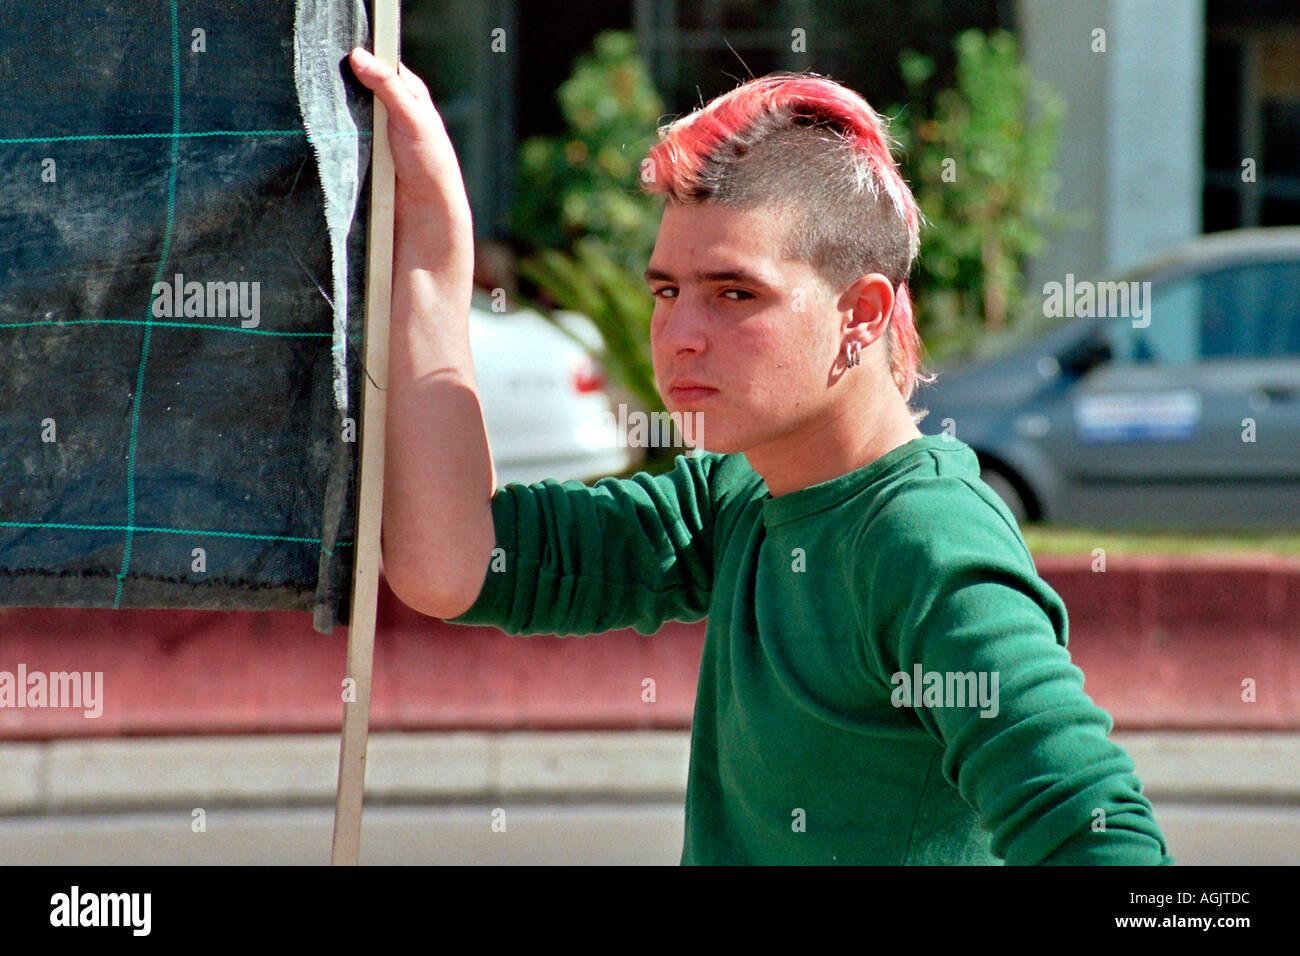 Coupe De Cheveux Punk Homme israël tel aviv un punk homme aux cheveux roses et une coupe de